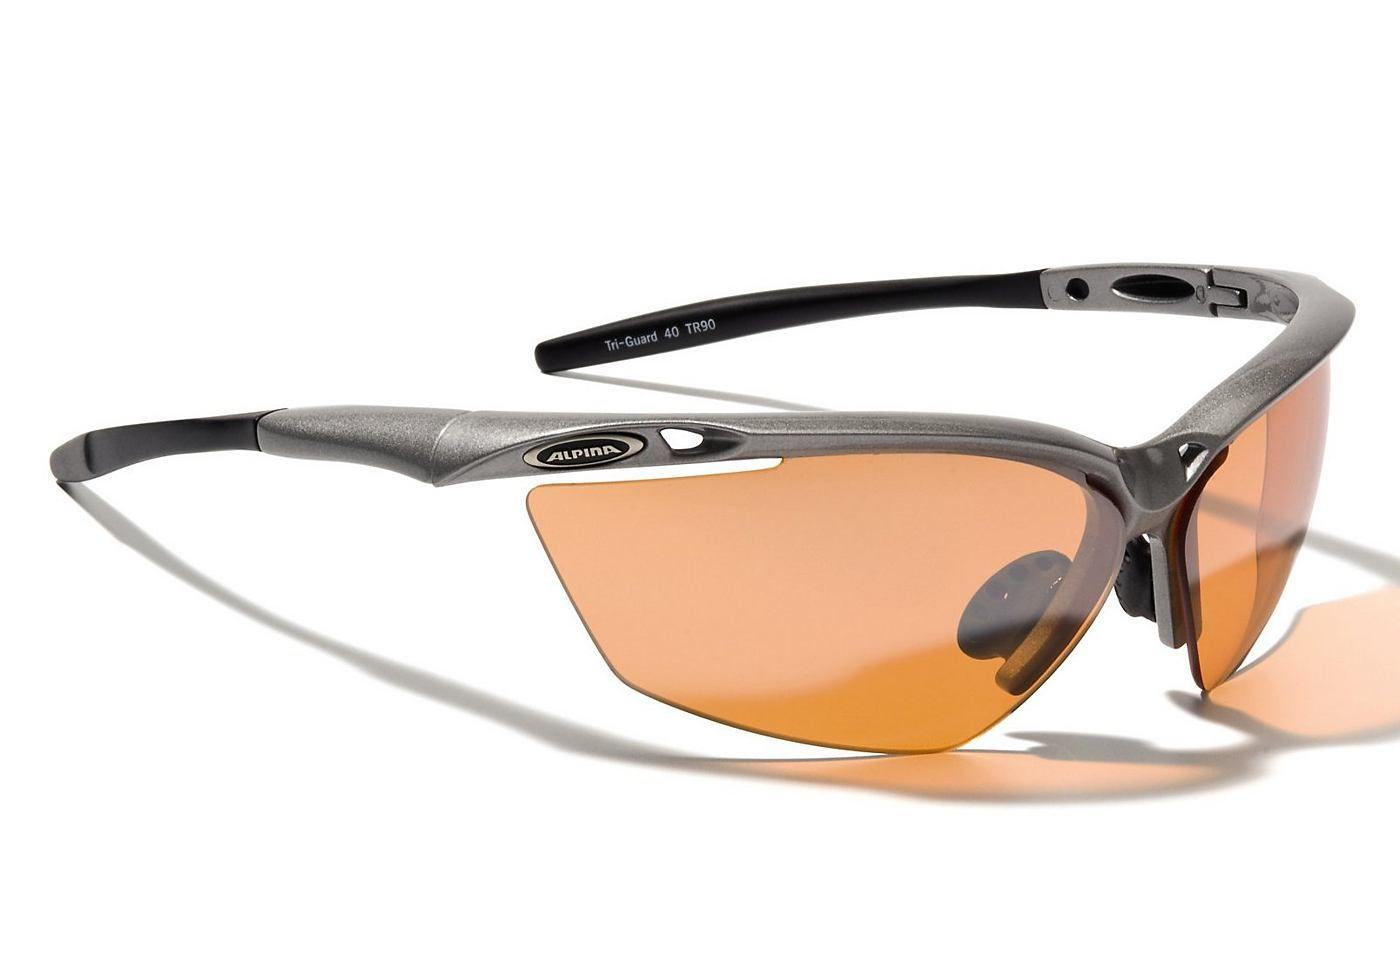 Preis am billigsten billig werden Sportbrille, zinn-schwarz, Alpina, »Tri-Guard 50« Sehr ...